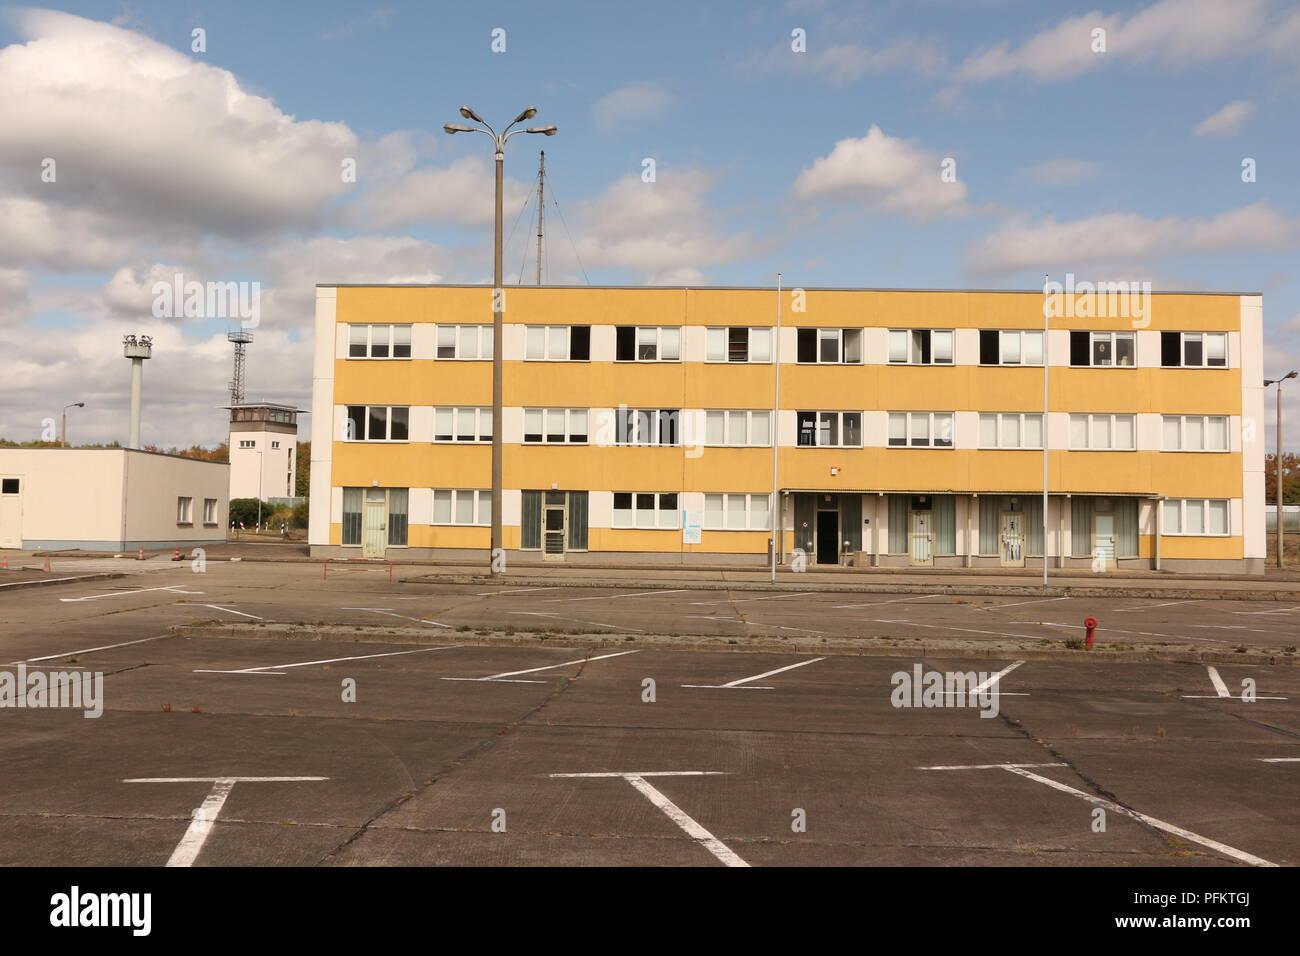 Die ehemalige Grenzstation Marienborn bei Helmstedt zwischen West-und Ostdeutschland in Sachsen Anhalt. Heute Gedenkstätte der deutschen Teilung. - Stock Image